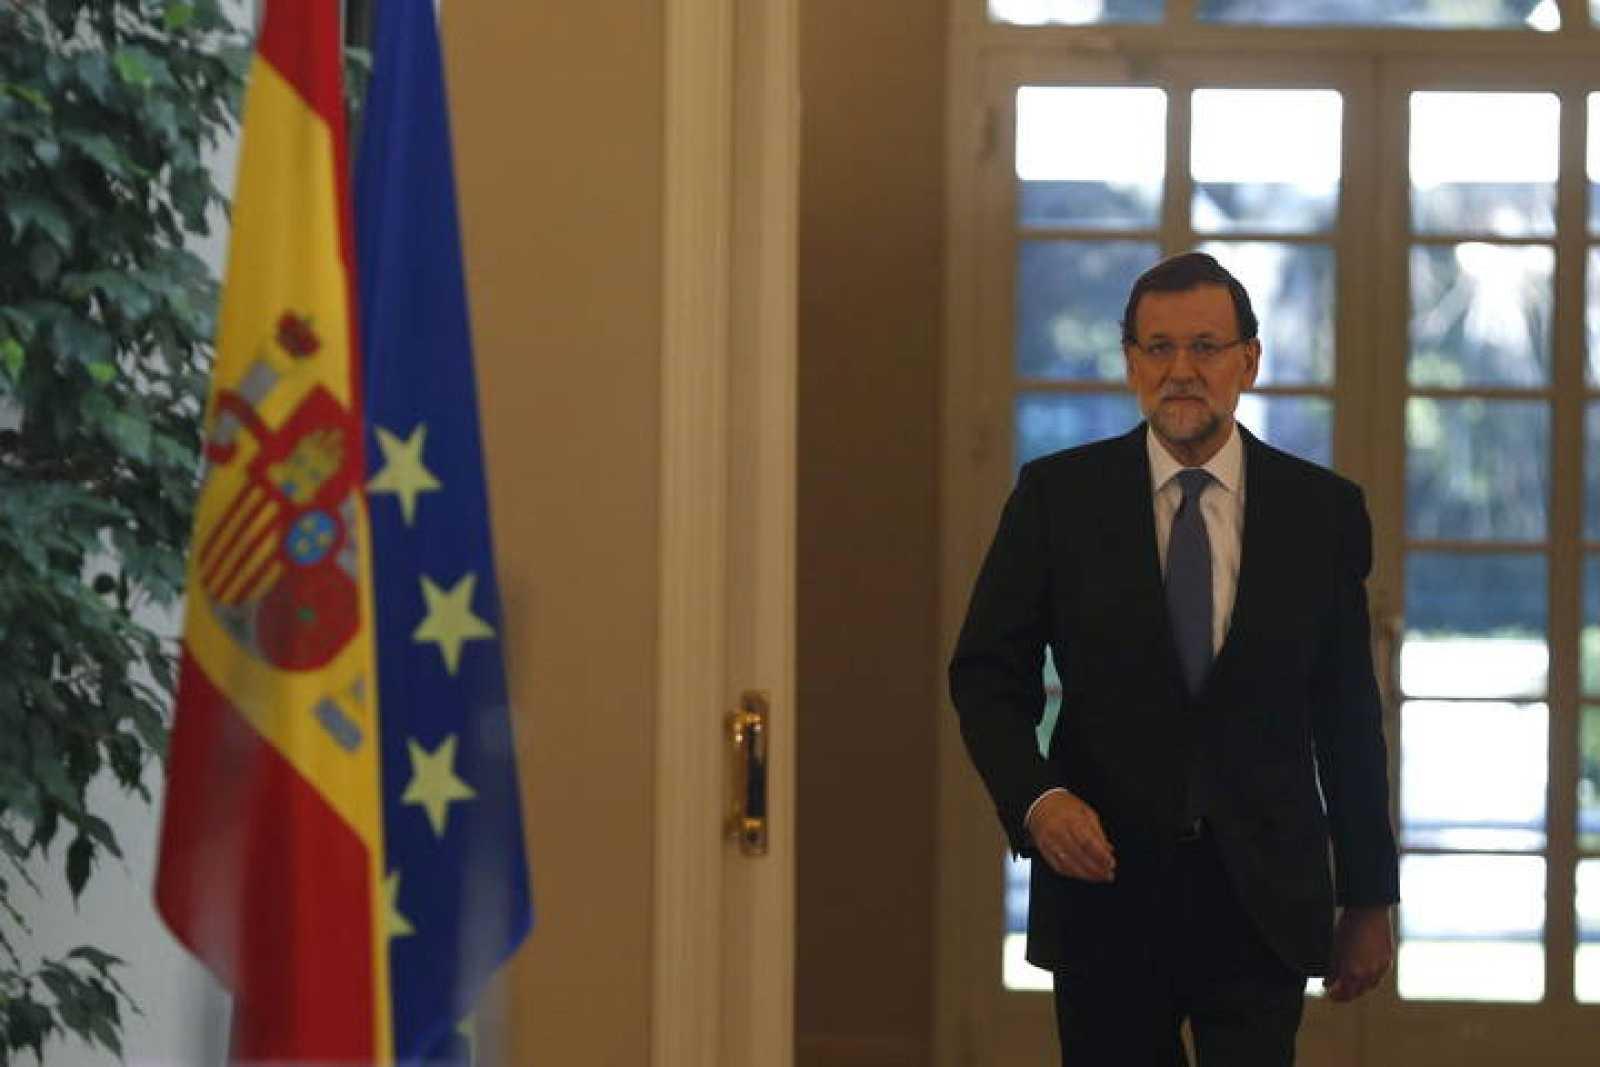 El presidente del Gobierno, Mariano Rajoy, a su llegada a la rueda de prensa en la Moncloa tras el último Consejo de Ministros del año